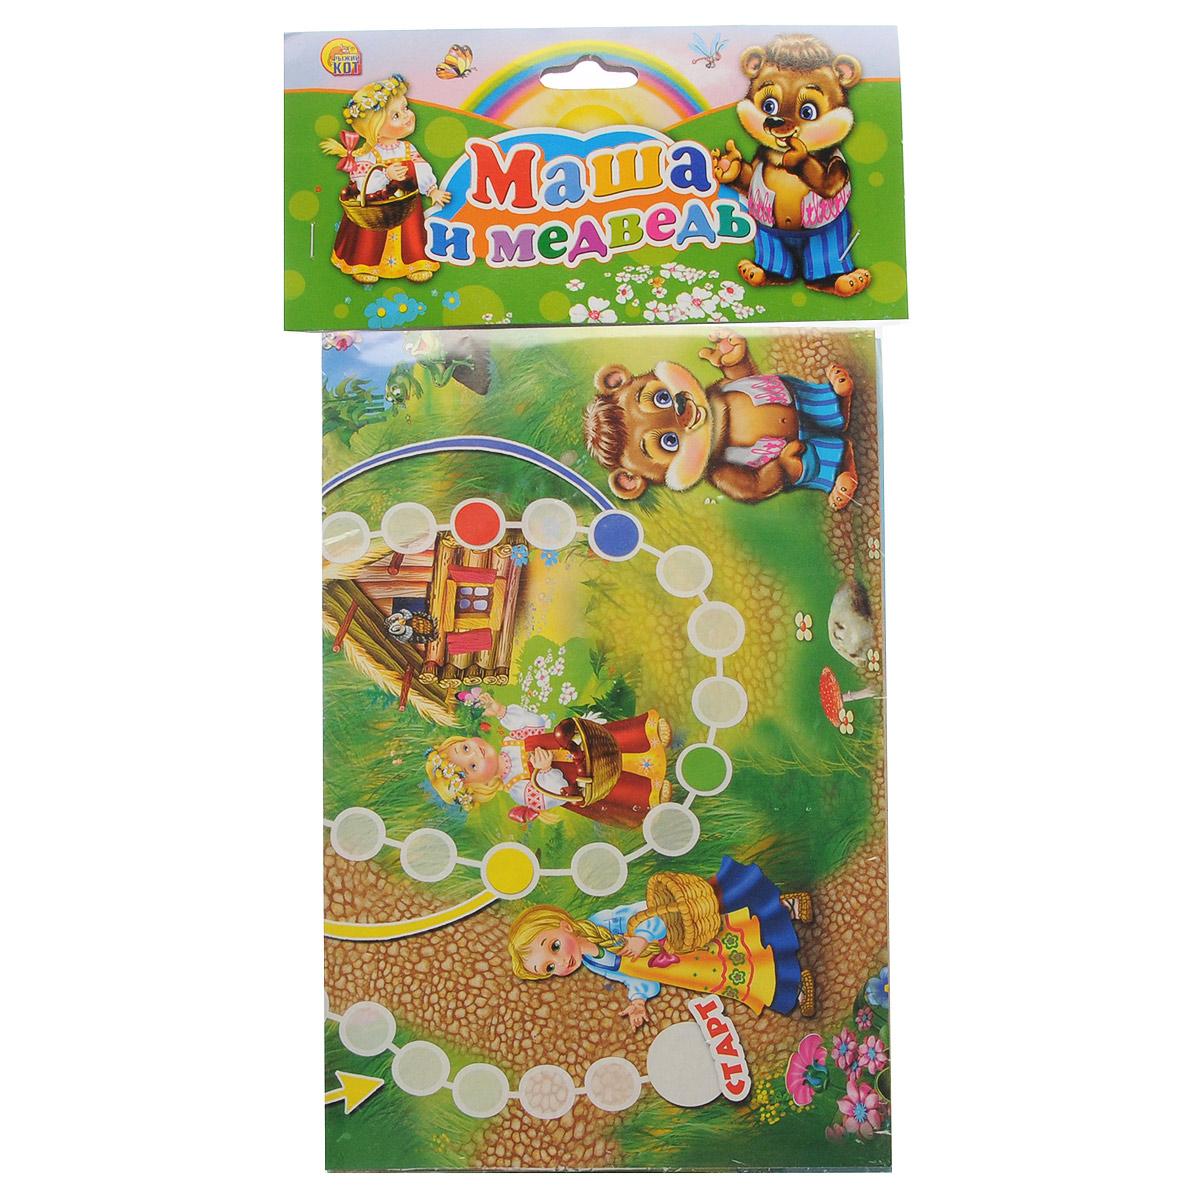 Маша и Медведь. Настольная игра развивающая игра на магнитах календарь природы маша и медведь